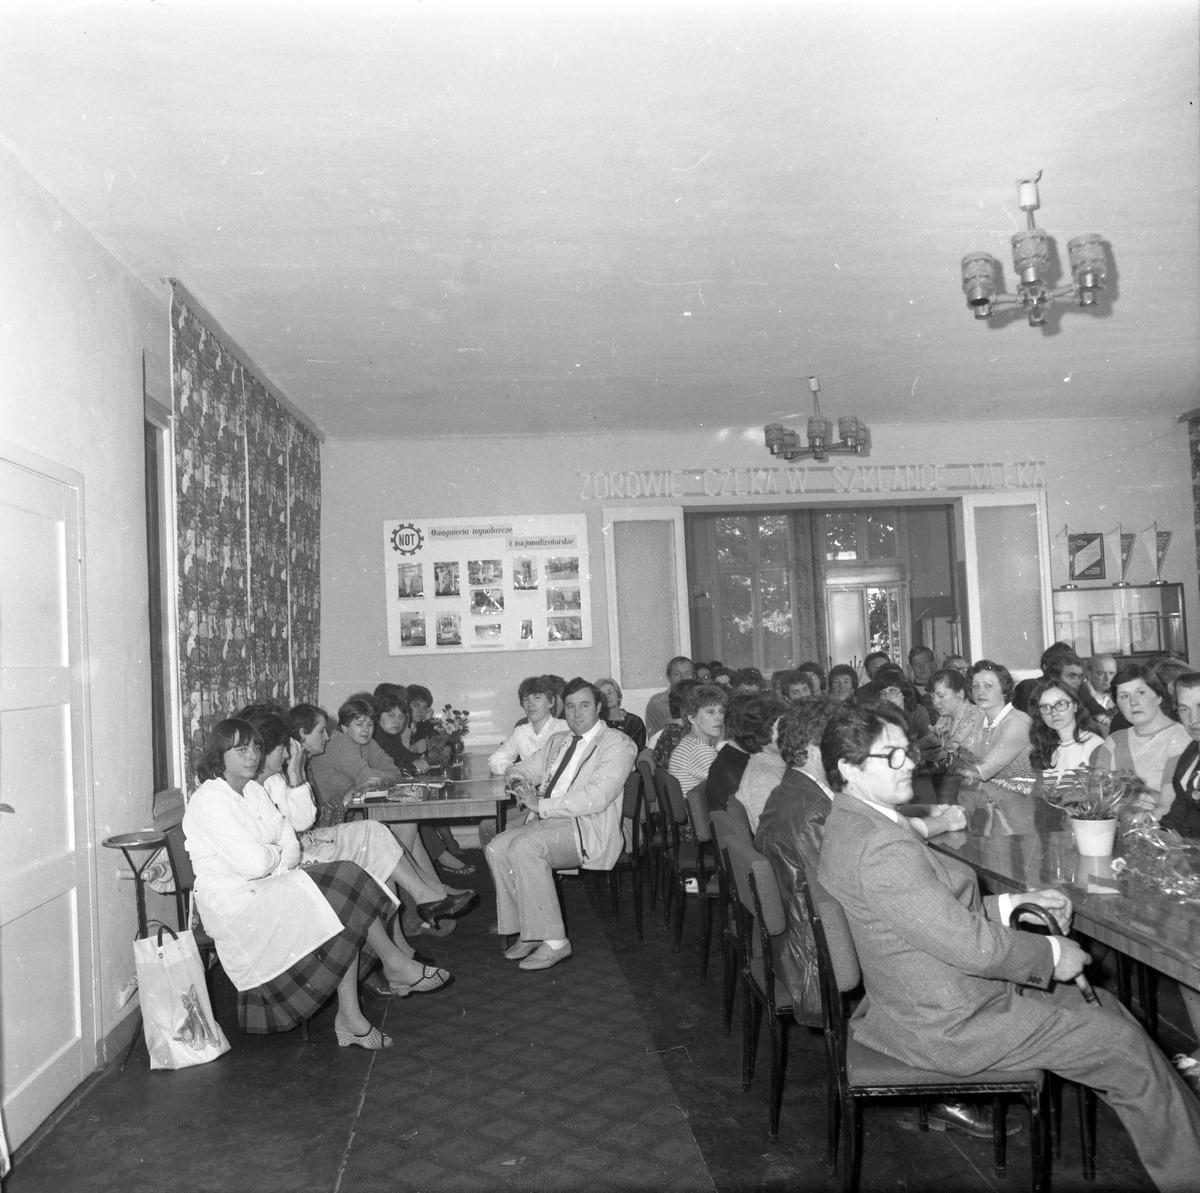 Spotkanie jubileuszowe w Mleczarni, 1985 r. [5]